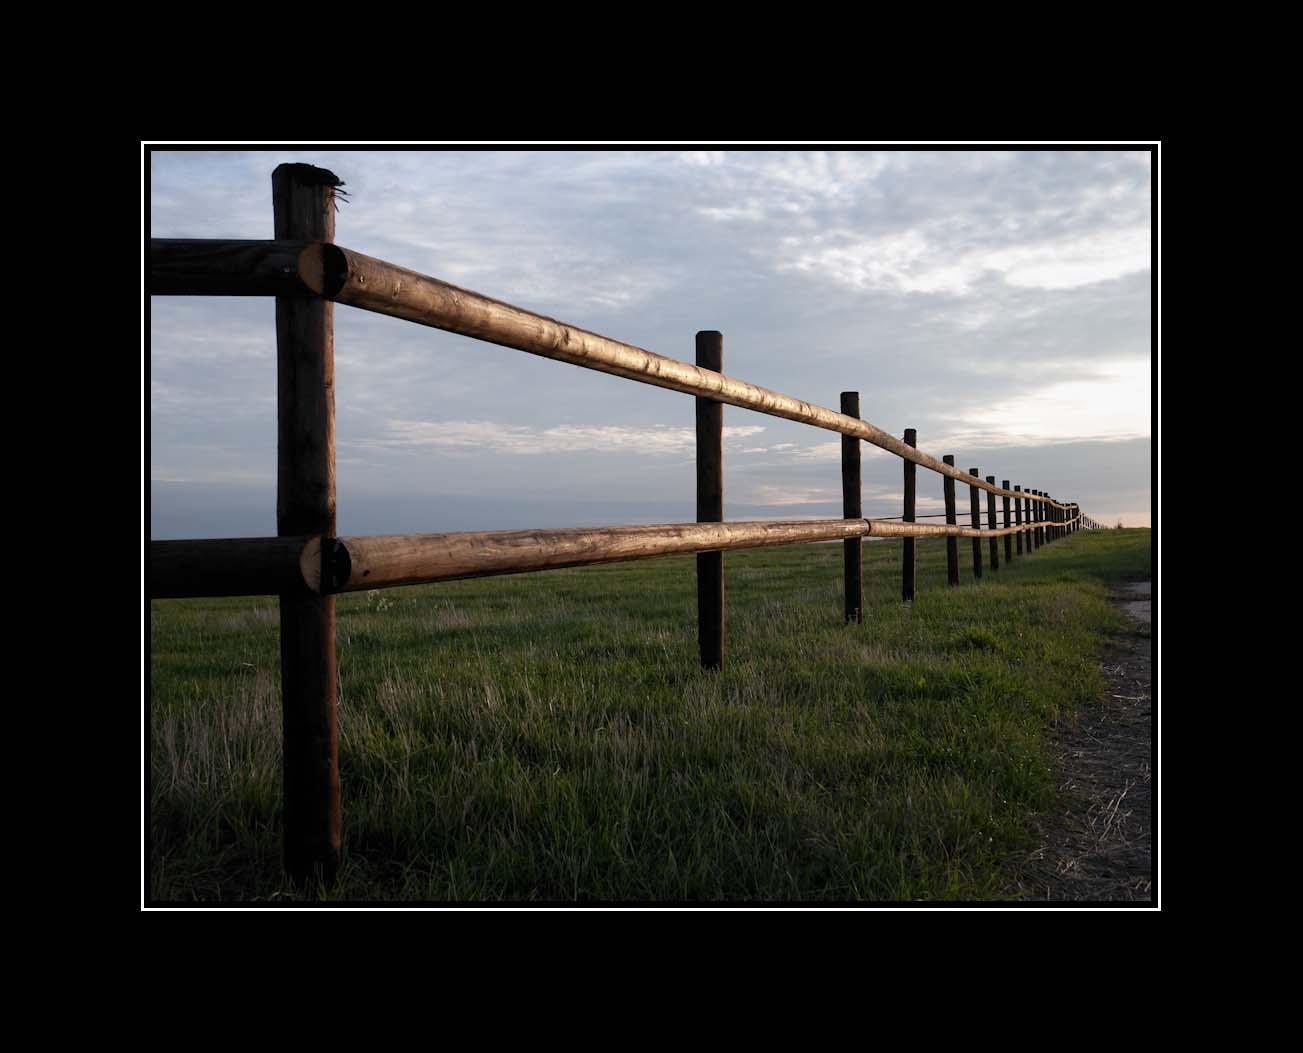 Zaun im Gegenlicht